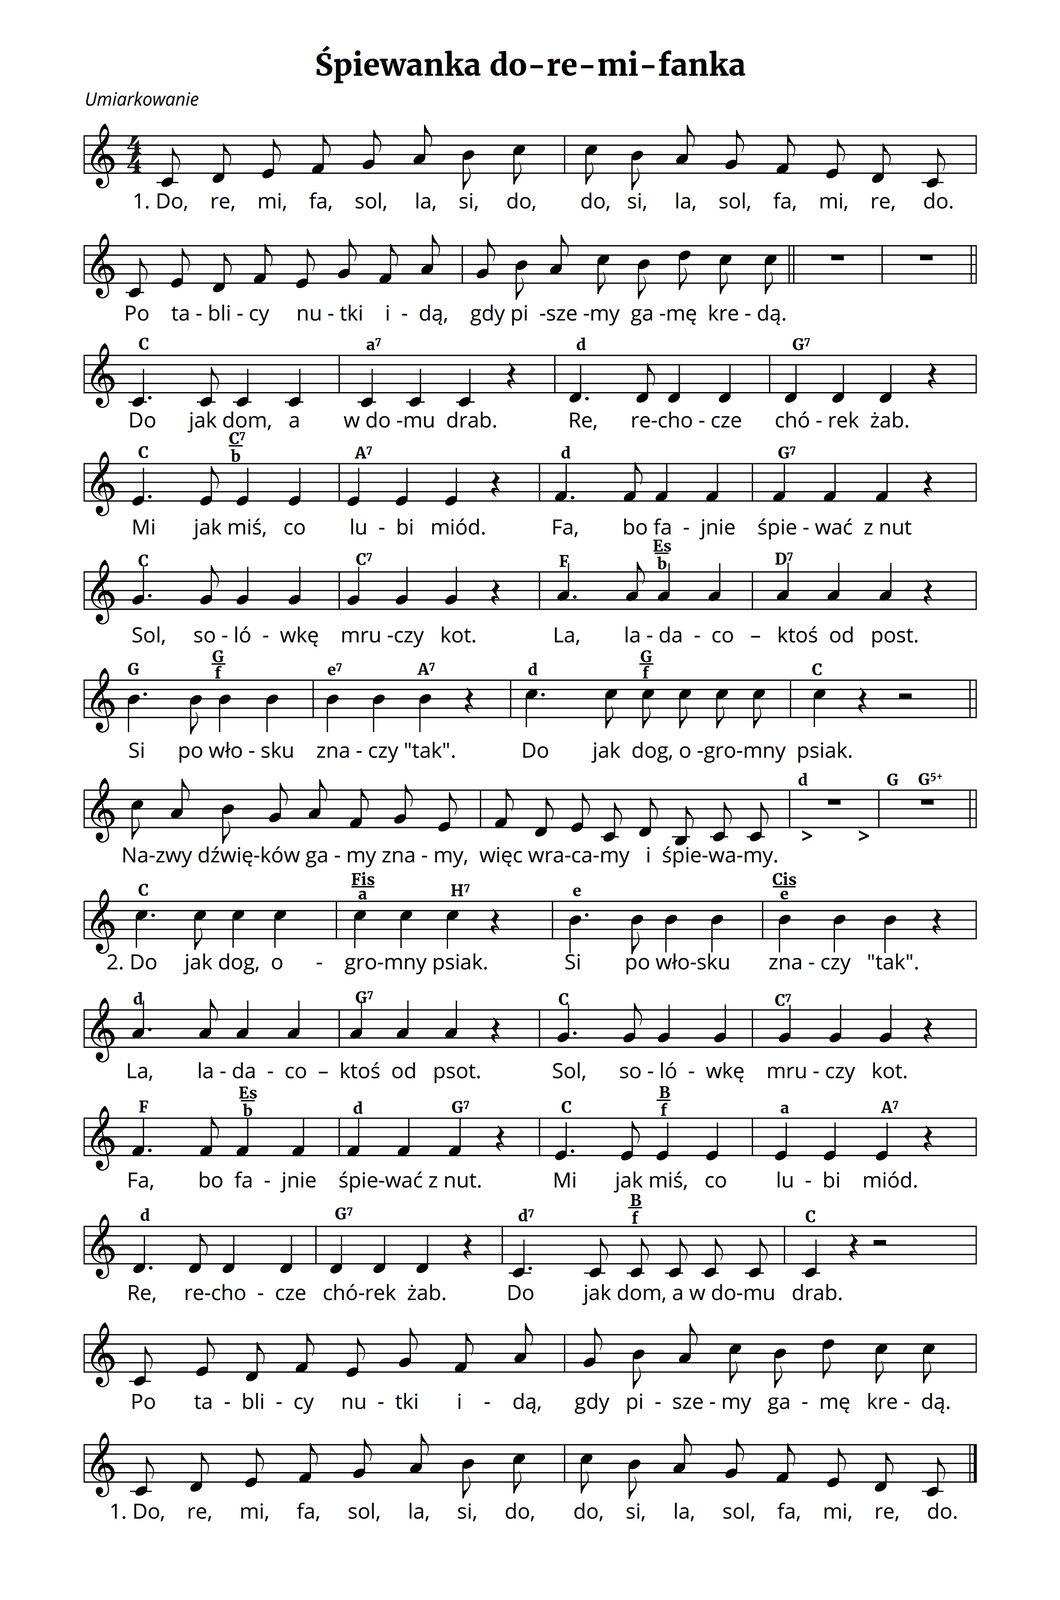 """Zapis nutowy piosenki """"Śpiewanka do re mi fanka"""". Metrum cztery czwarte. Piosenka rozpoczyna się gamą zaśpiewaną solmizacją: do, re, mi, fa, sol, la, si, do, do, si, la, sol, fa, mi, re, do. Po tablicy nutki idą, gdy piszemy gamę kredą. Potem kolejne dźwięki śpiewane są ztekstem opowiadającym oich nazwie solmizacyjnej: Do jak dom, awdomu drab. Re, rechocze chórek żab. Mi jak miś, co lubi miód. Fa, bo fajnie śpiewać znut. Sol, solówkę mruczy kot. La, ladaco - ktoś od psot. Si po włosku znaczy tak. Do jak dog ogromny psiak. Później następuje krótki przerywnik: Nazwy dźwięków gamy znamy, więc wracamy iśpiewamy. Druga zwrotka polega na zaśpiewaniu tego samego tekstu tylko wodwrotnej kolejności."""